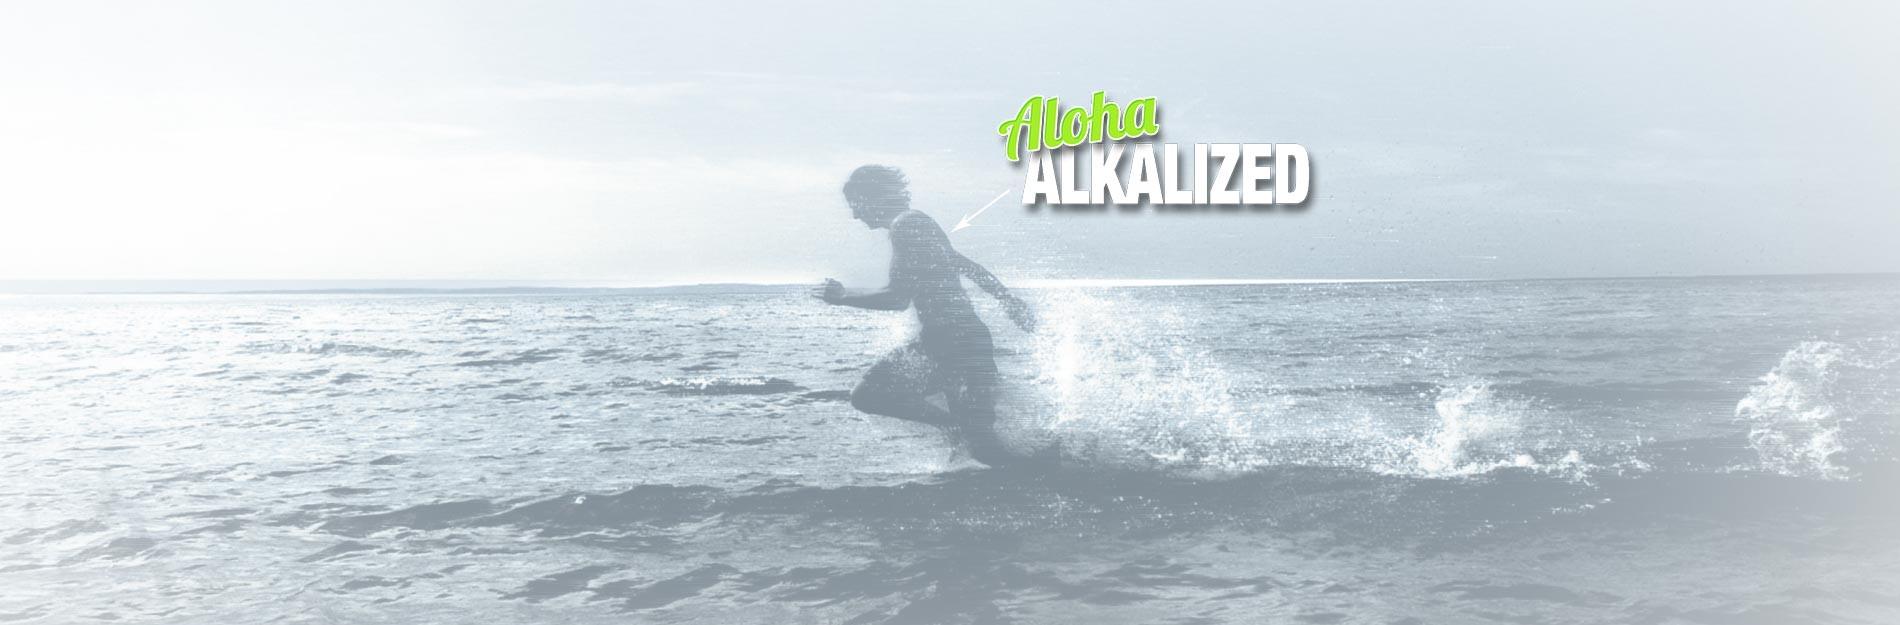 Alkalized_Slide_1900x625